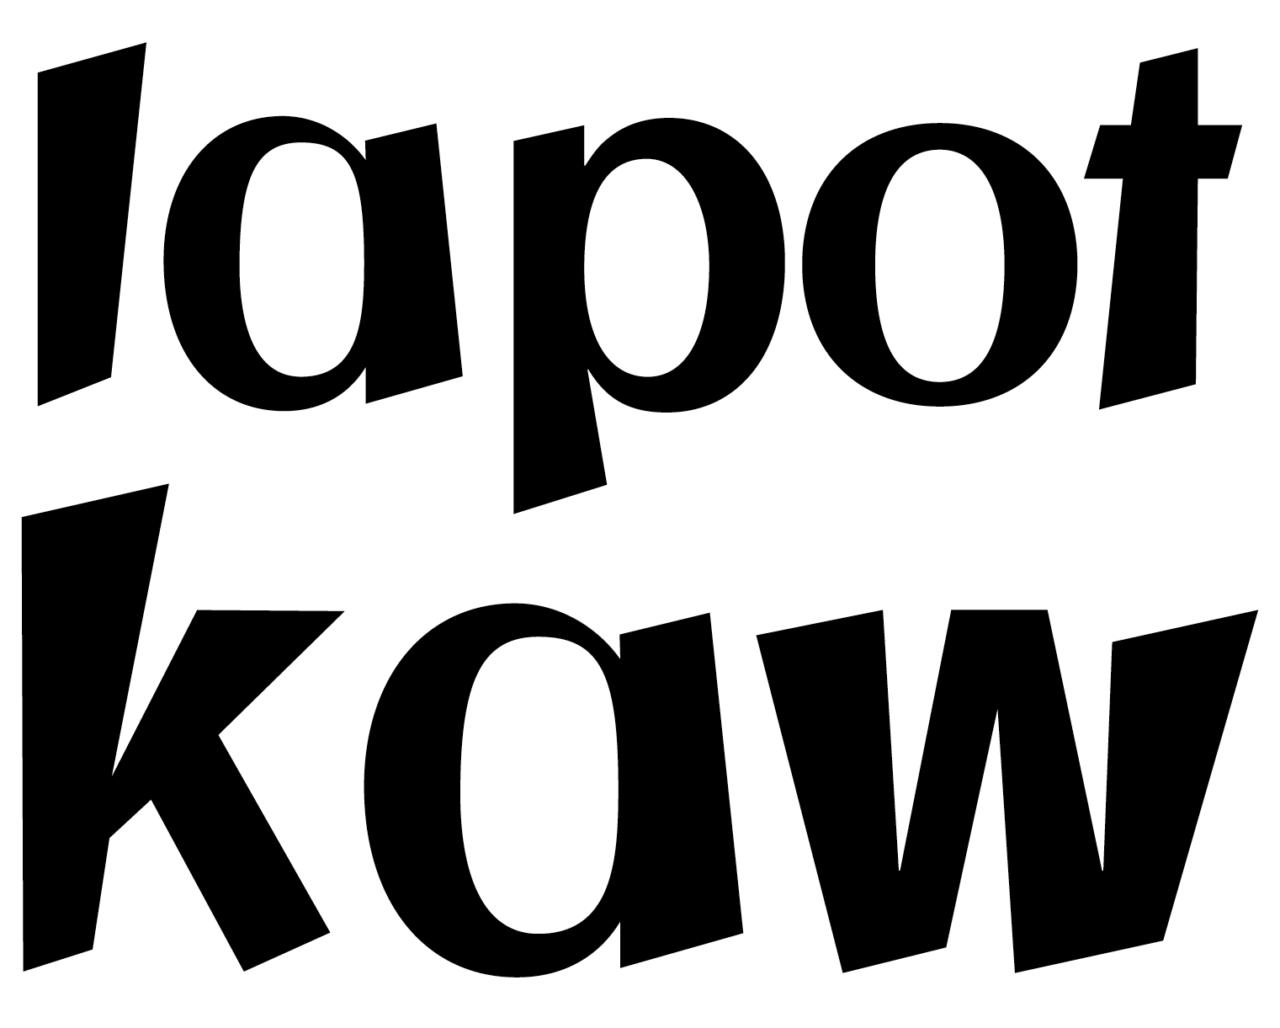 flattersatz Font chopsticks